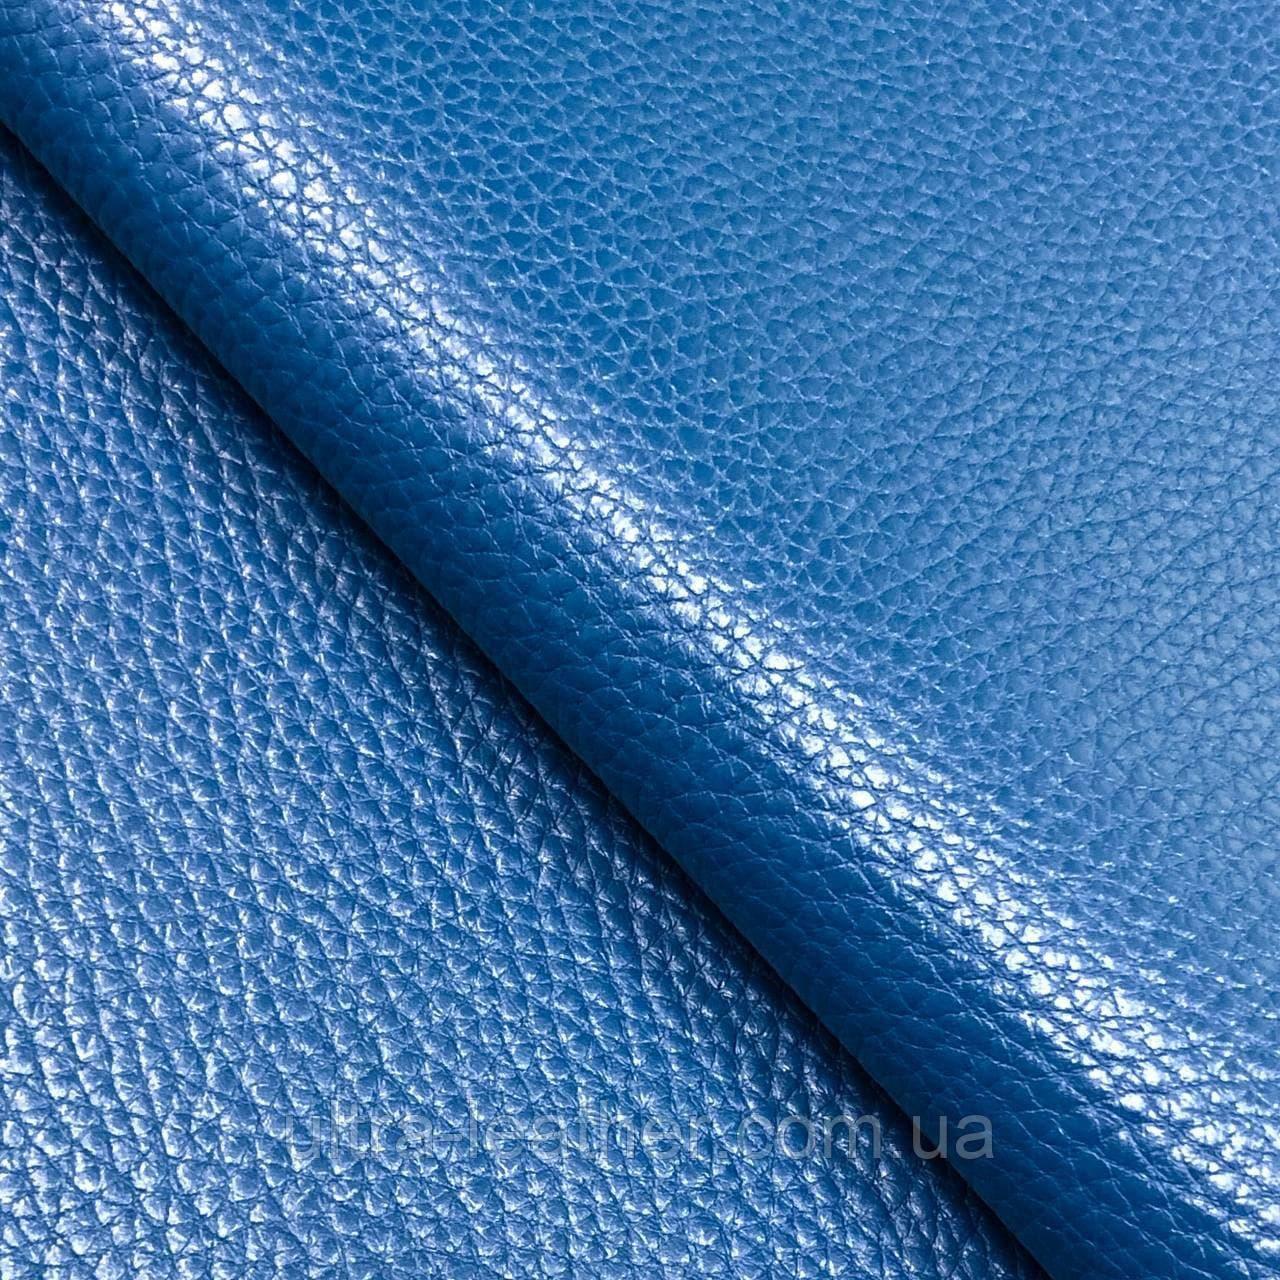 Натуральная галантерейная кожа  ФЛЕШ, Синий, Pantone 18-4432